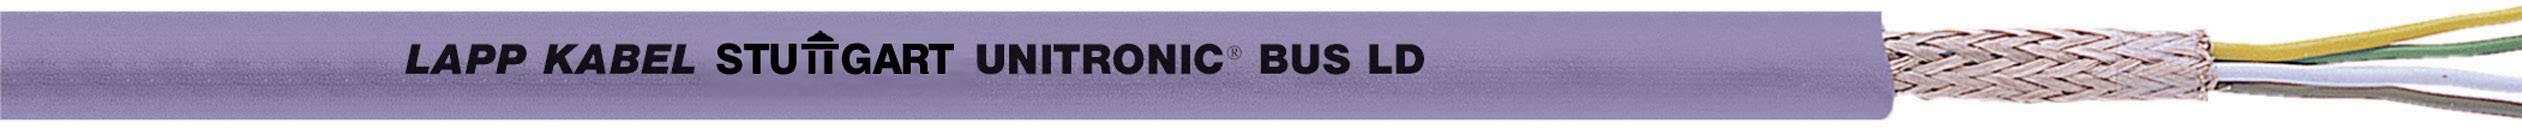 Zbernicový kábel LappKabel UNITRONIC® BUS 2170204, vnější Ø 7.10 mm, fialová, metrový tovar